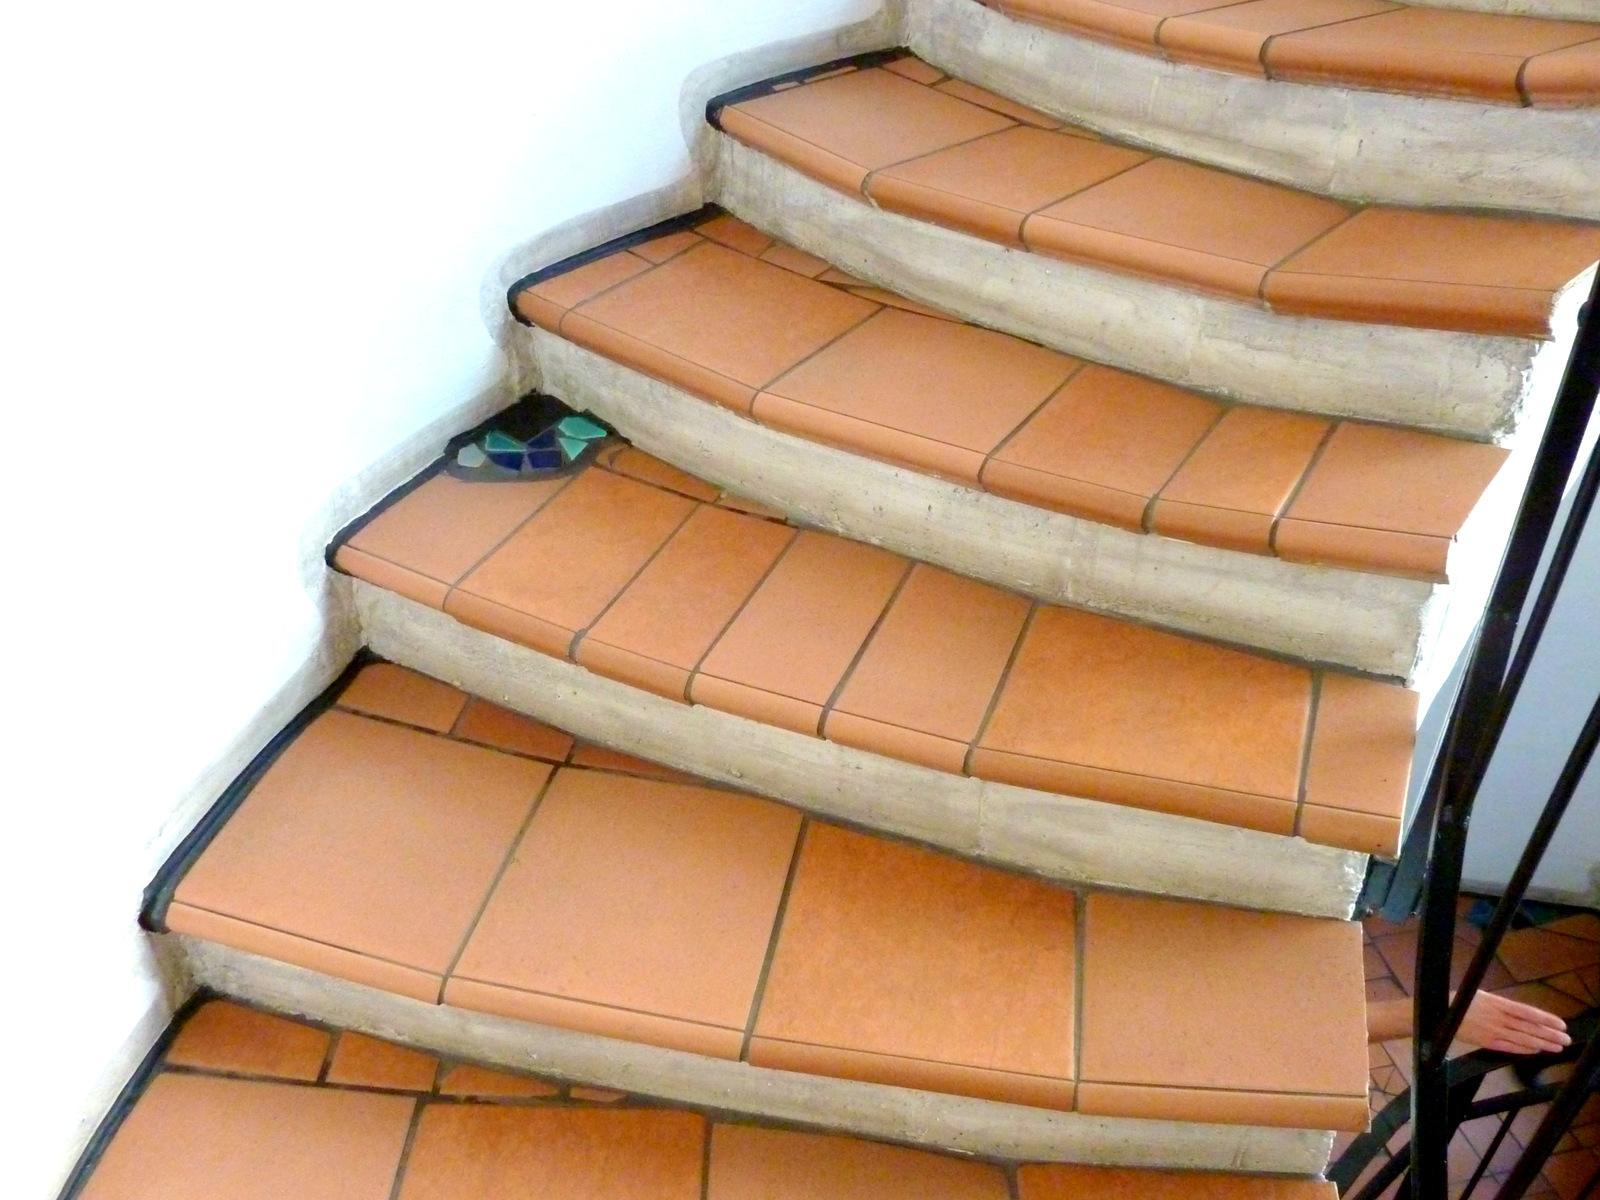 Treppenstufen sind auch nicht gerade, sondern wölben sich leicht an ...